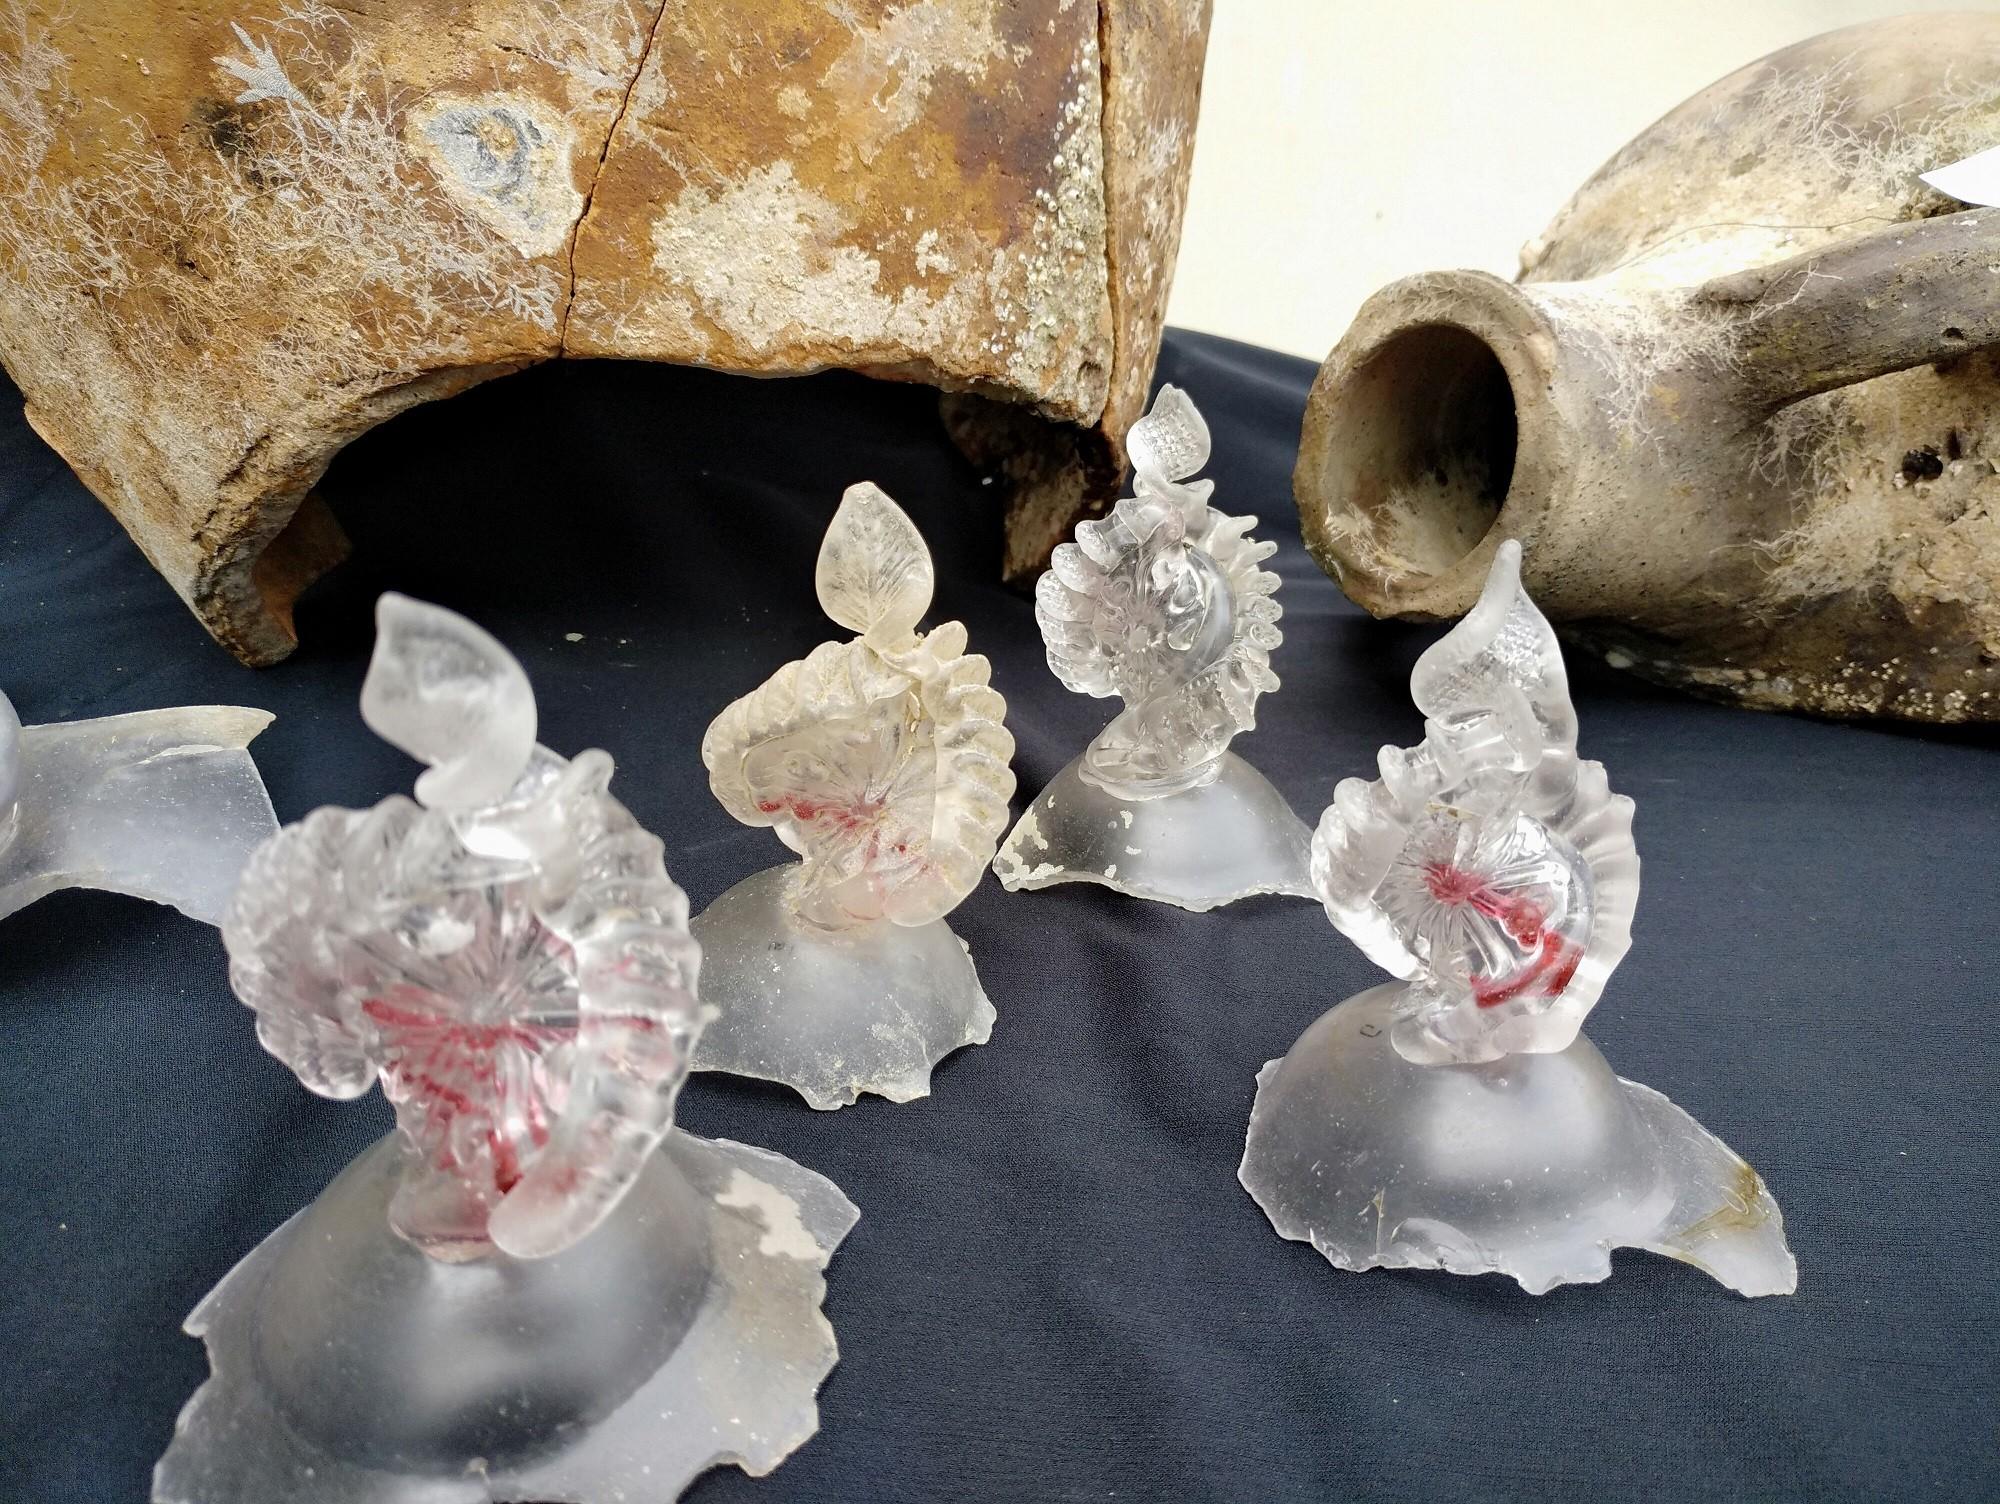 Tesouros de vidro são encontrados na costa do Mar Negro, na Bulgária (Foto: Bourgas Municipality)